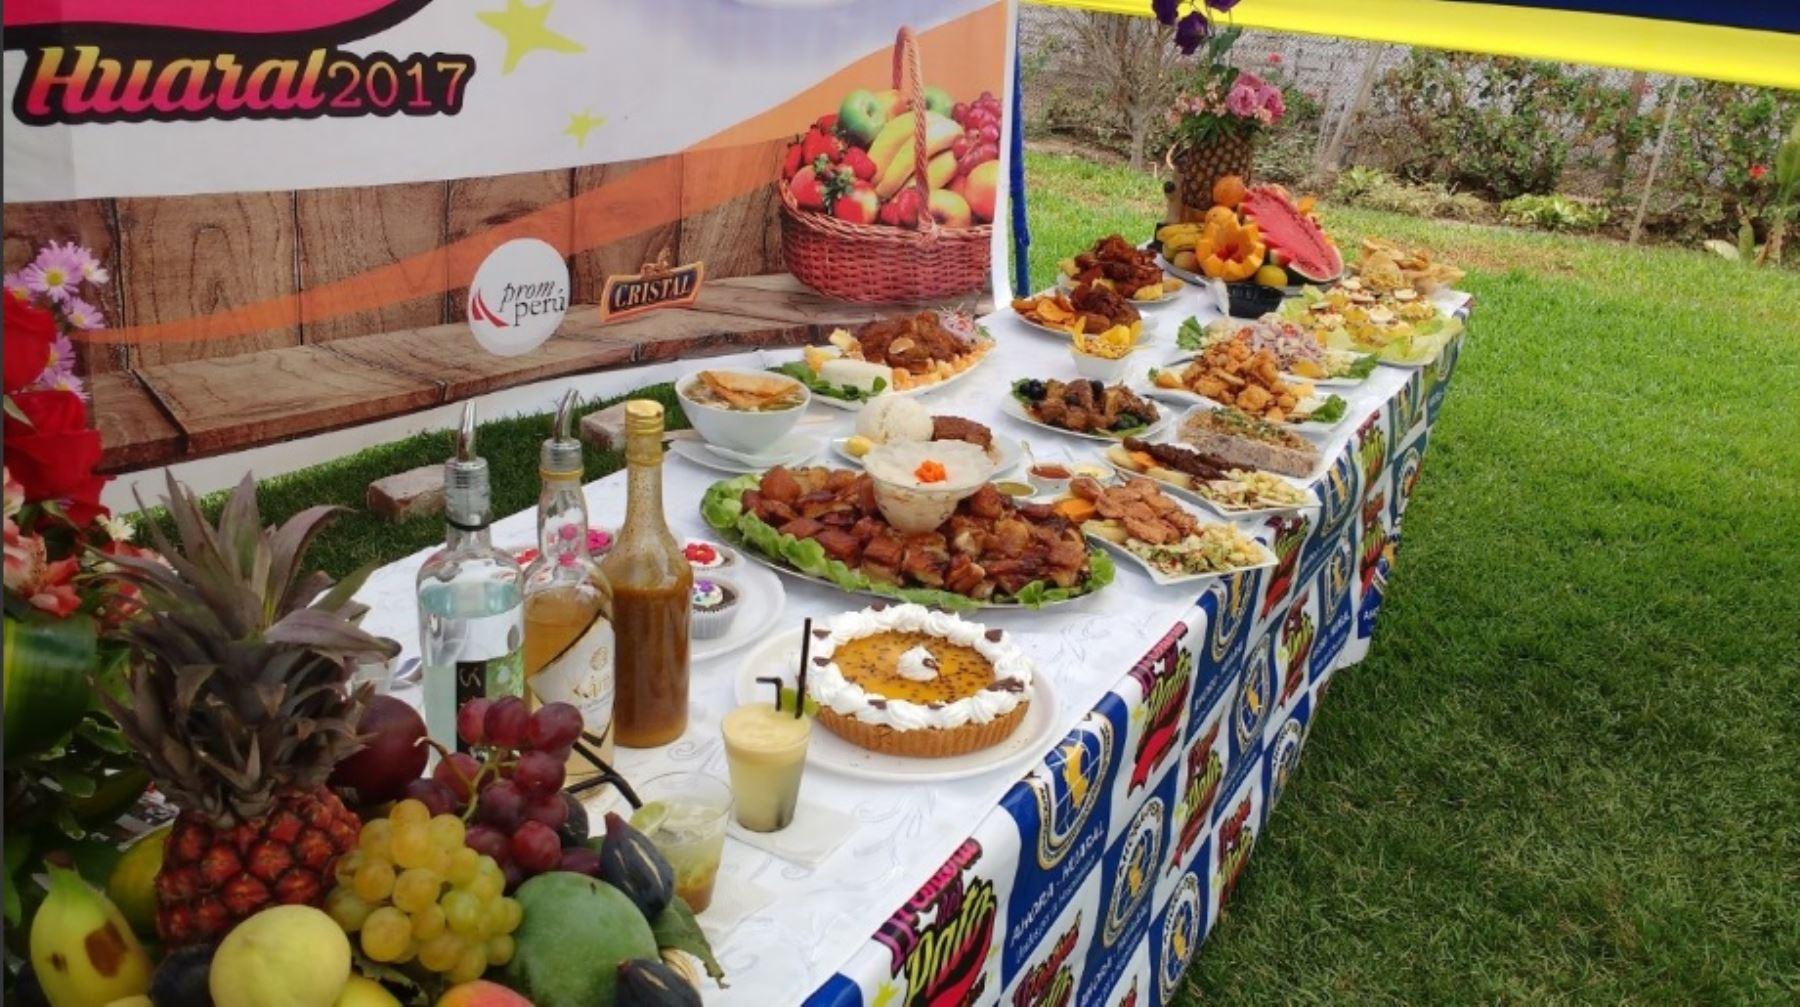 Gastronomía de Huaral